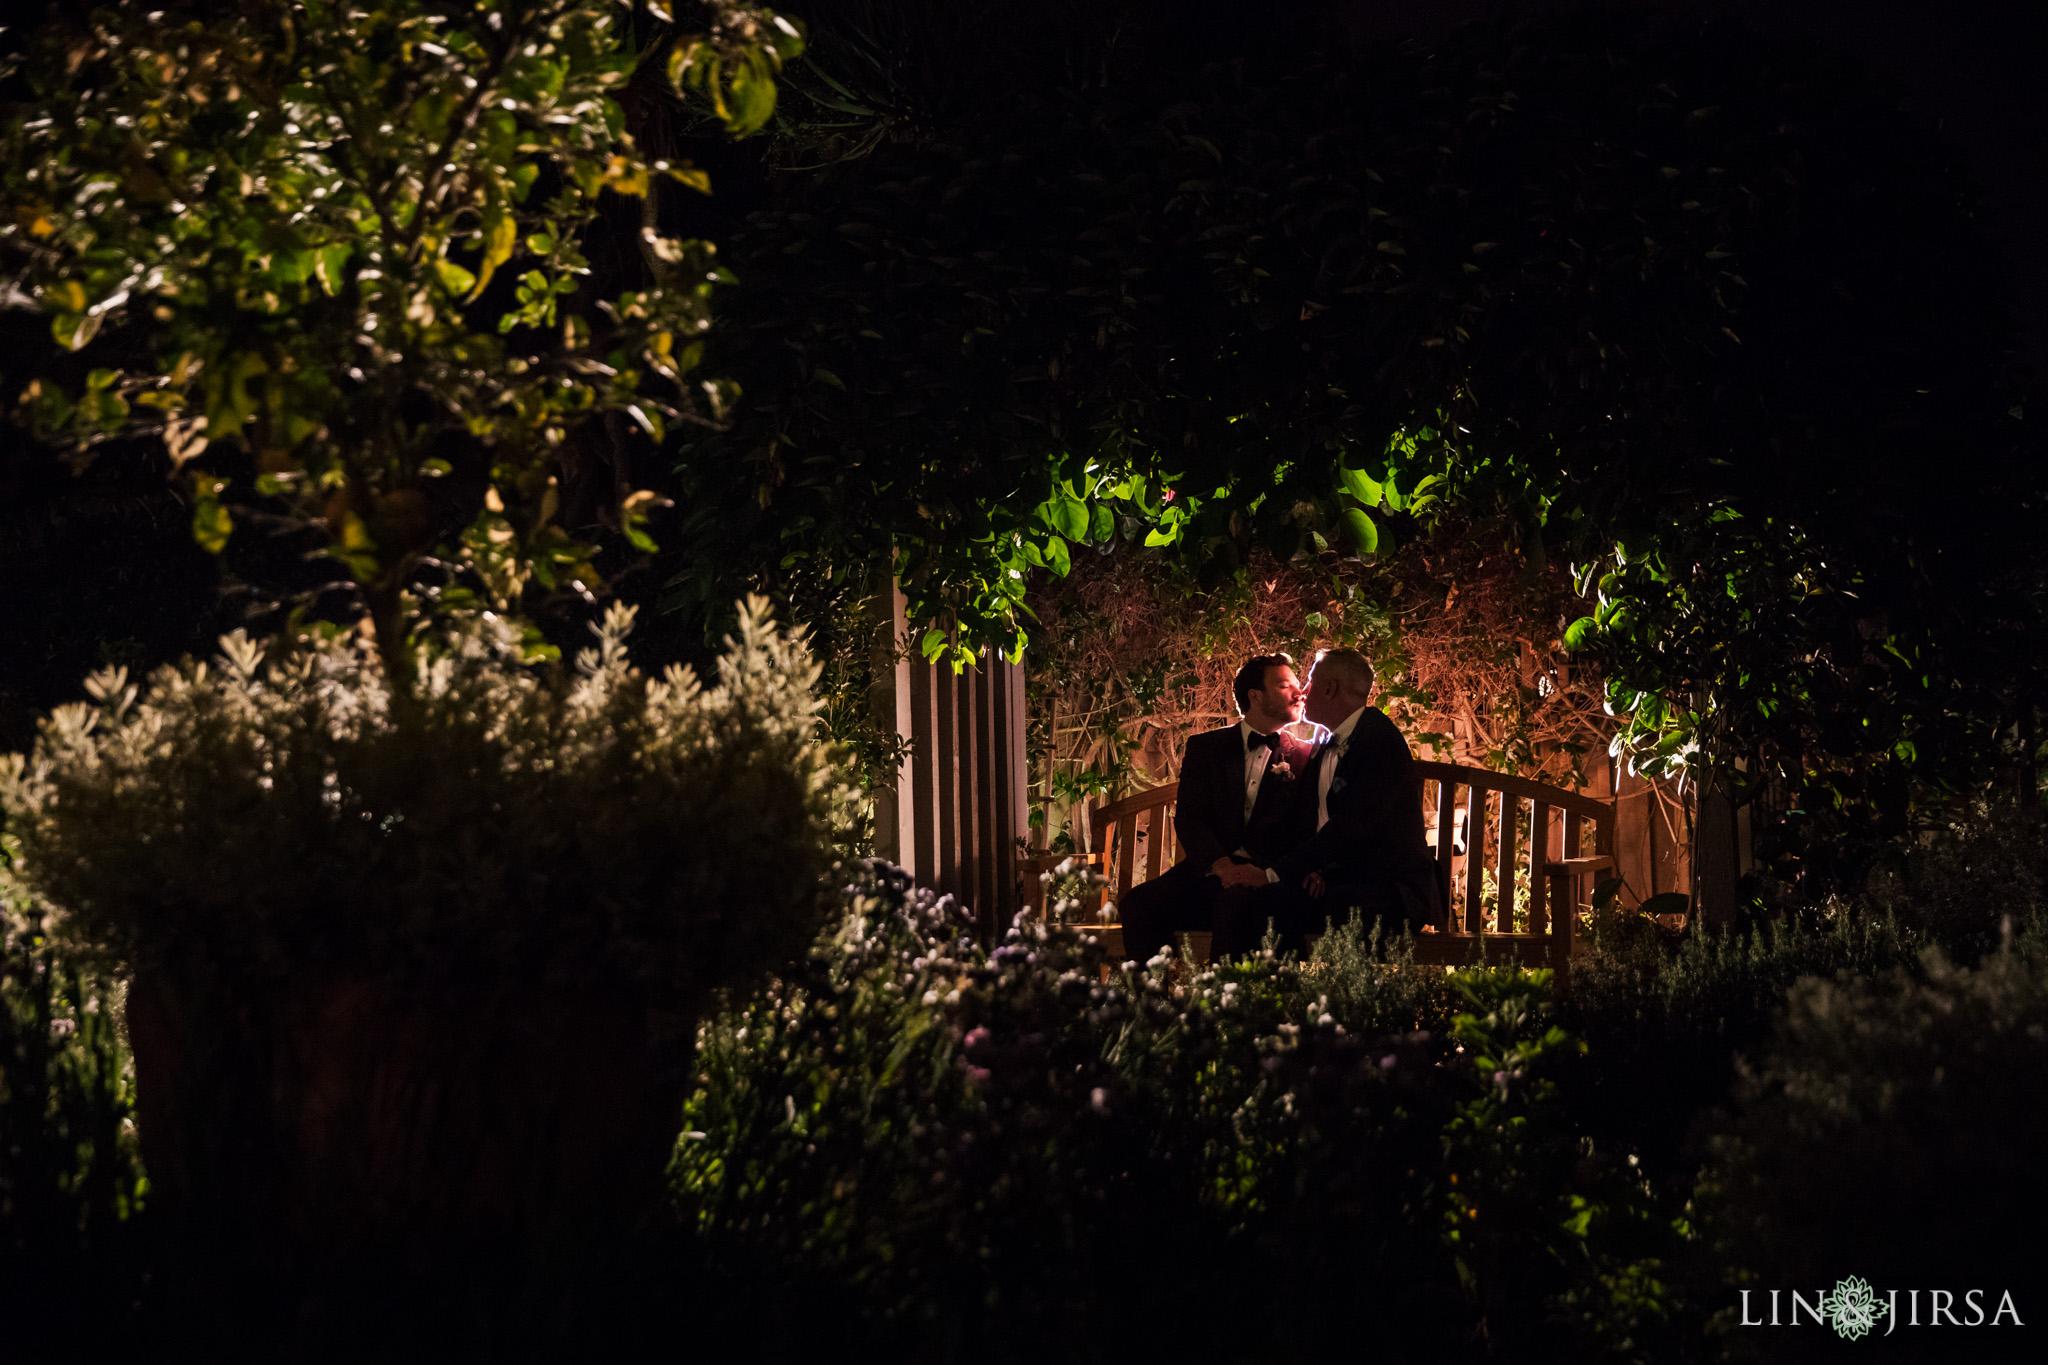 46 sherman library gardens corona del mar same sex wedding photography